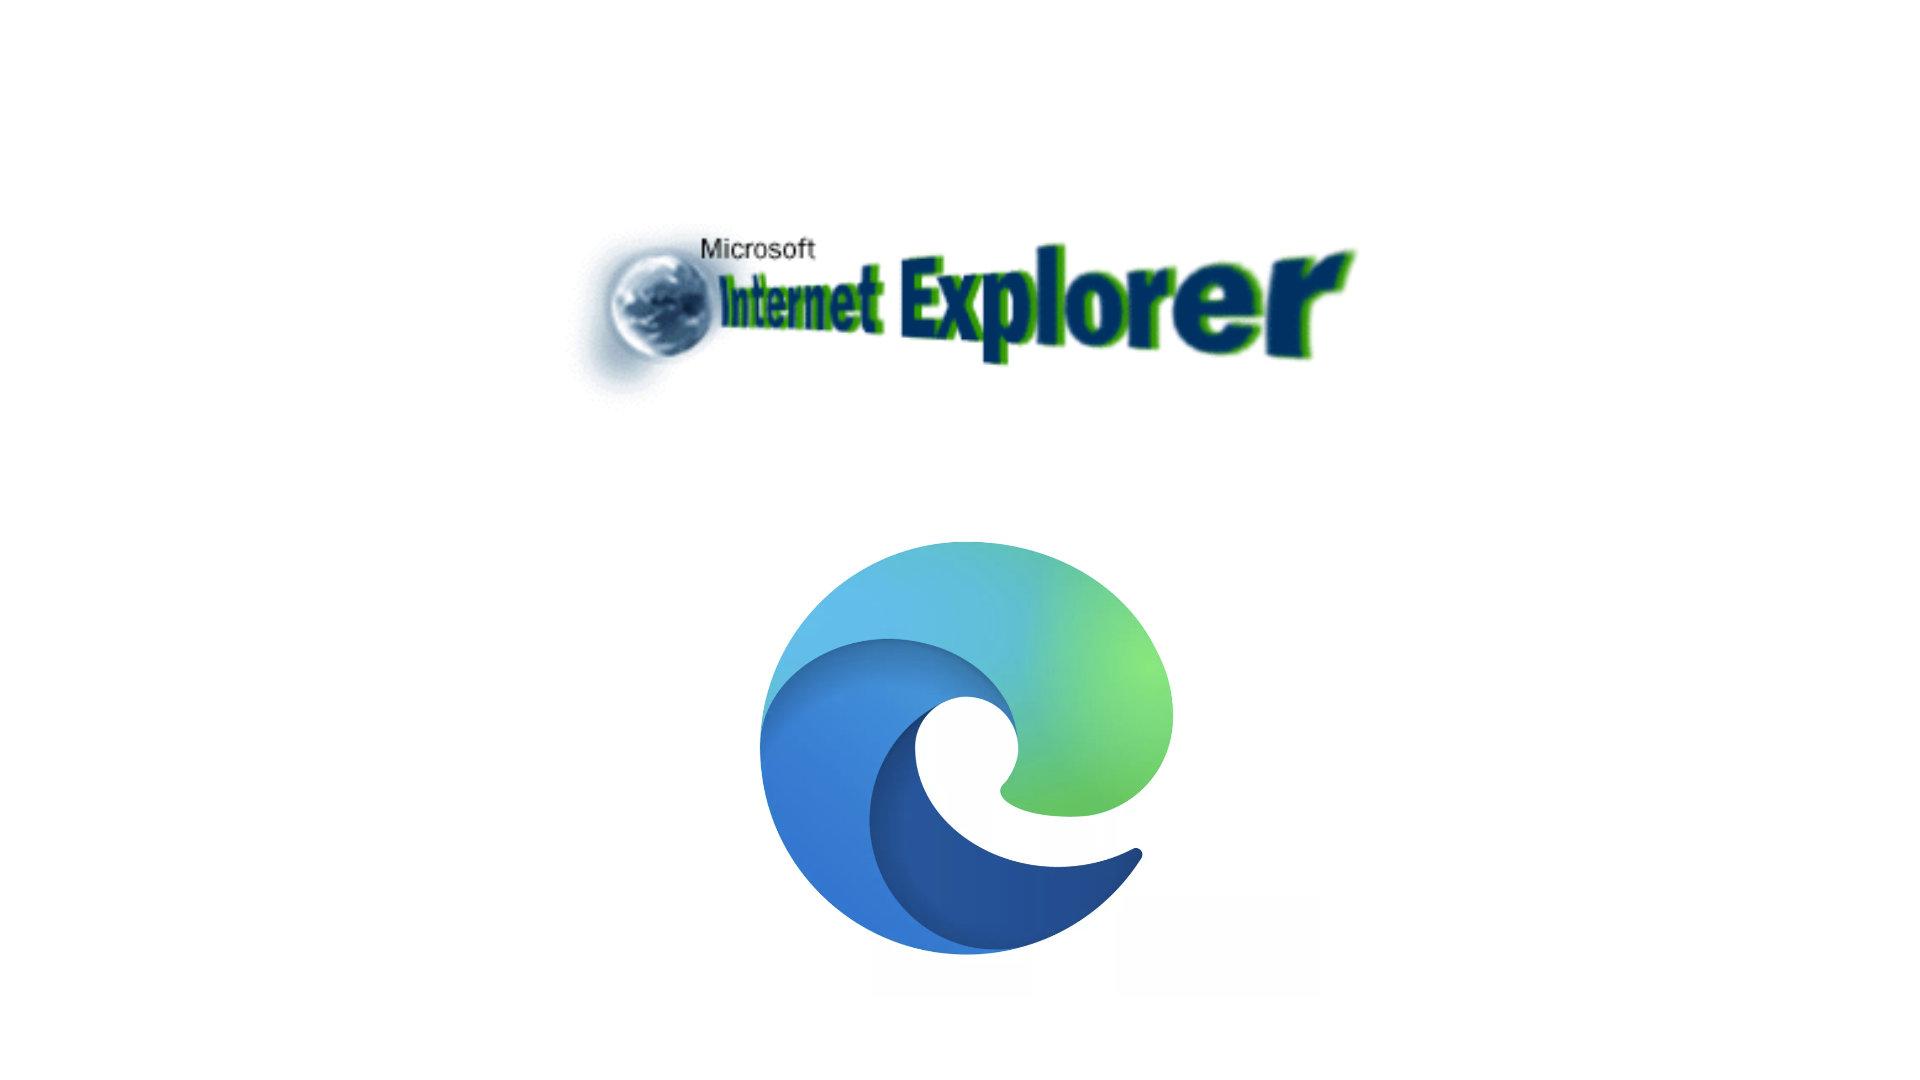 Le nouveau logo de Microsoft Edge suffira-t-il à faire oublier 20 ans d'Internet Explorer ?